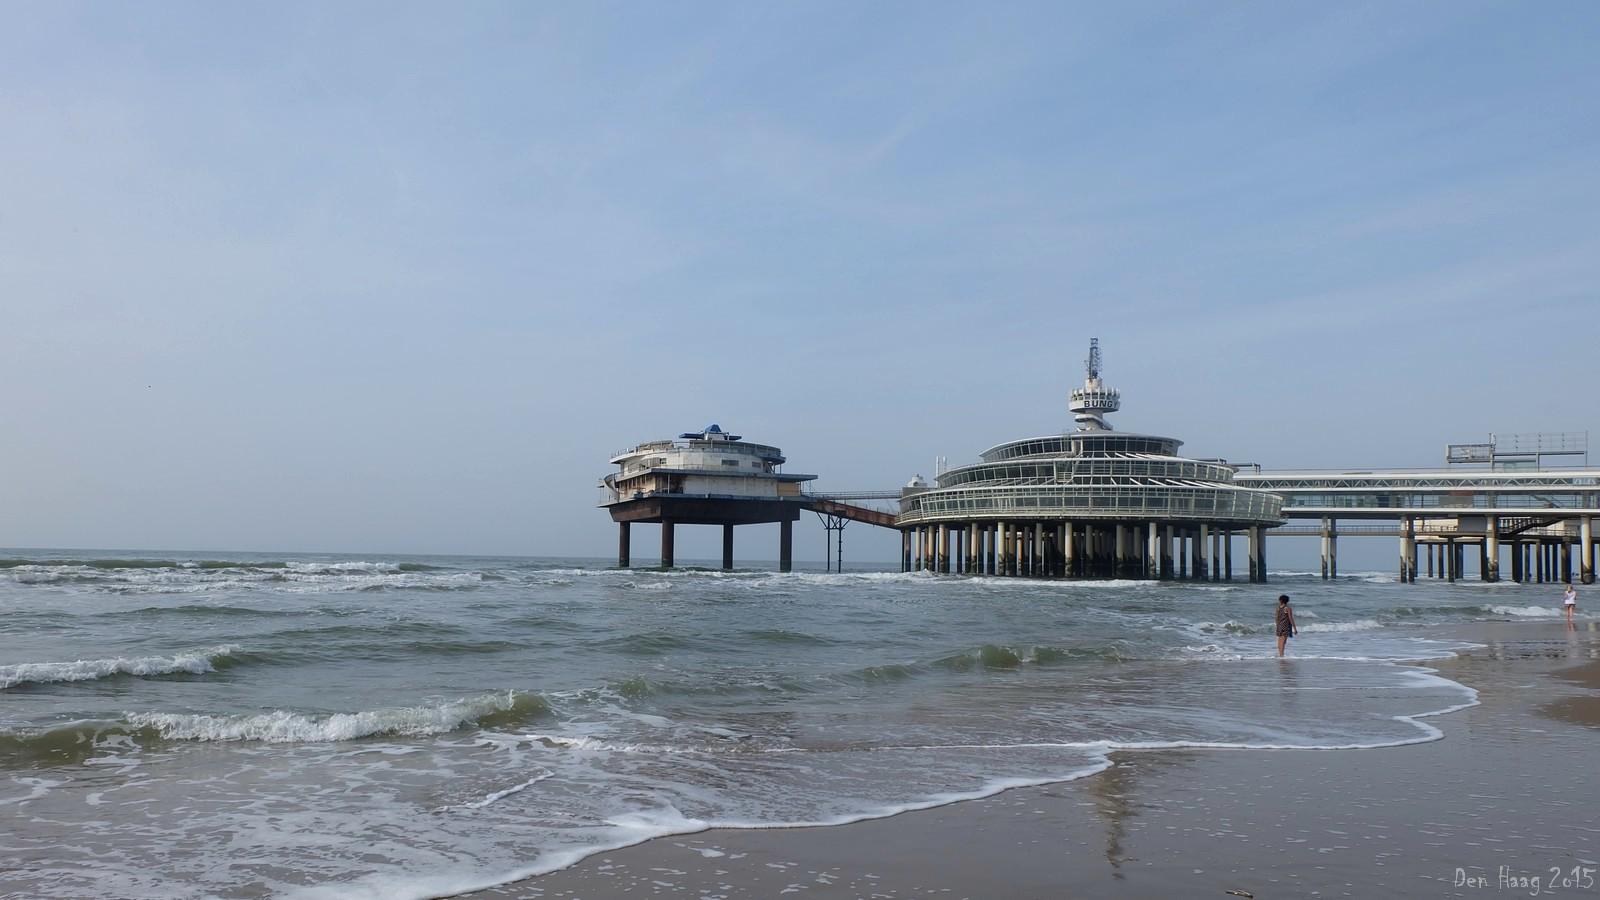 De Pier, North Sea, Den Haag, Nederland